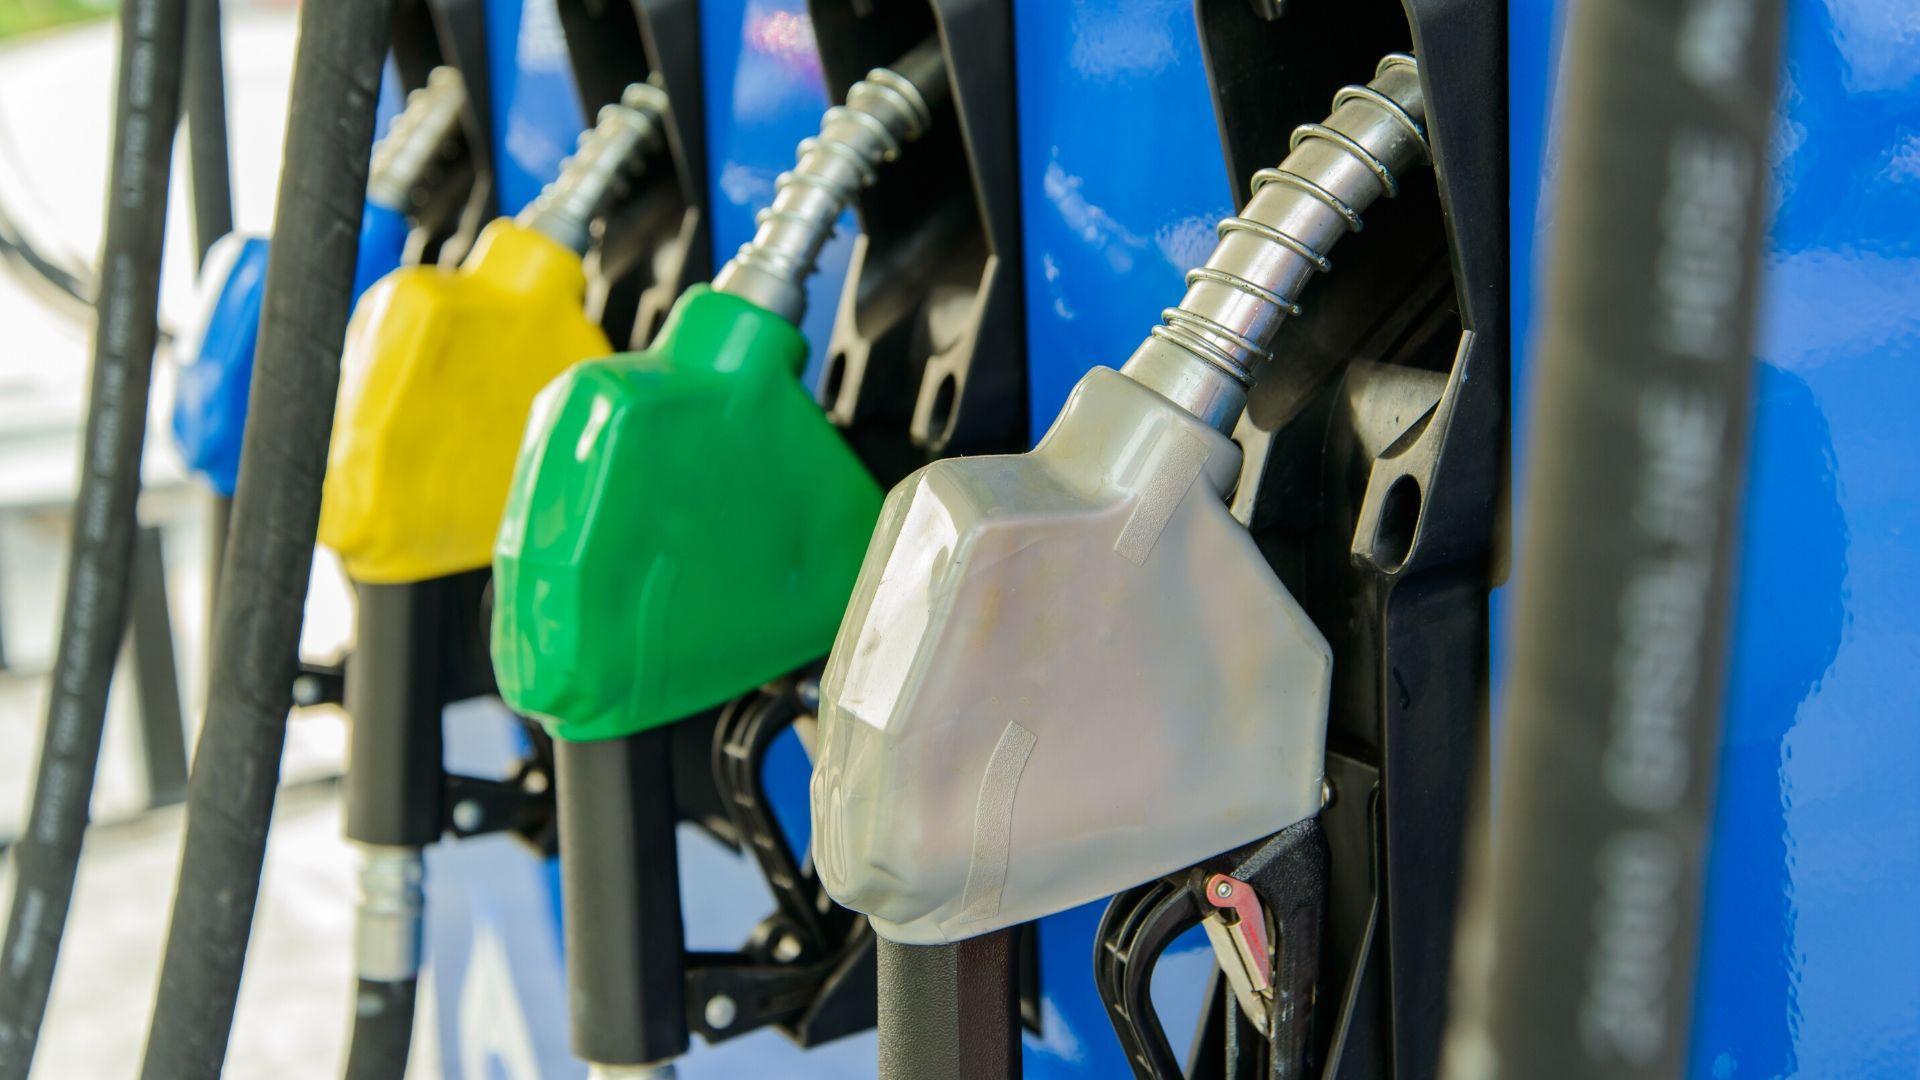 Valori indicativi di riferimento dei costi di esercizio. Dato costo gasolio Febbraio 2020